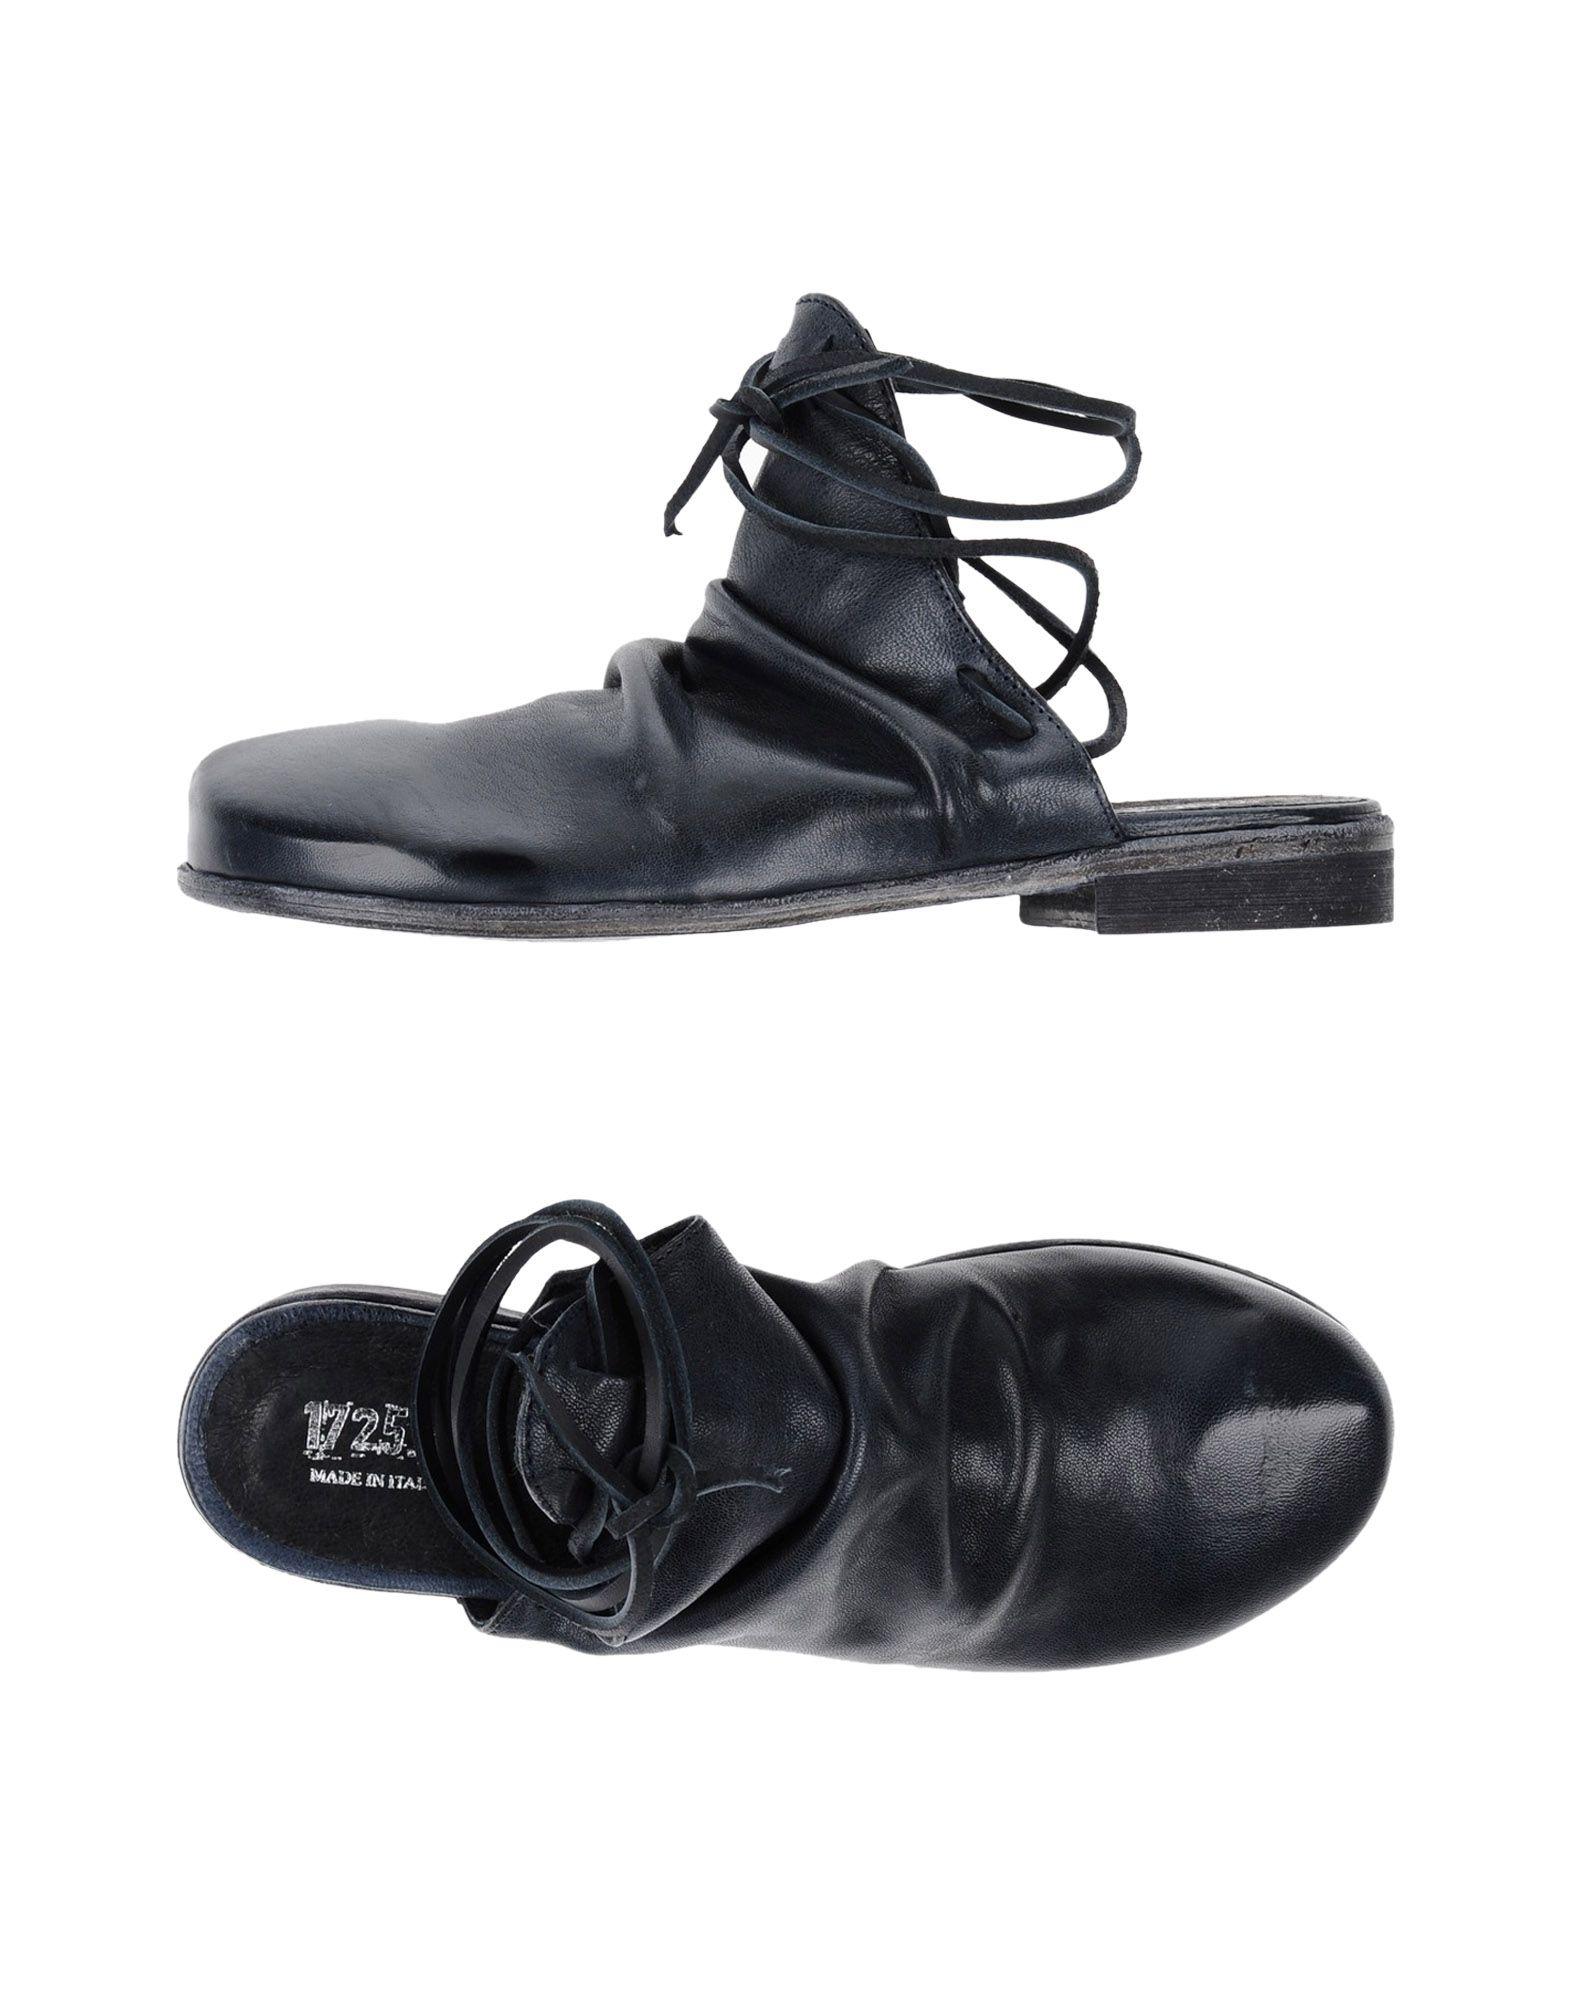 1725.A Pantoletten Damen  11332625AH Gute Qualität beliebte Schuhe